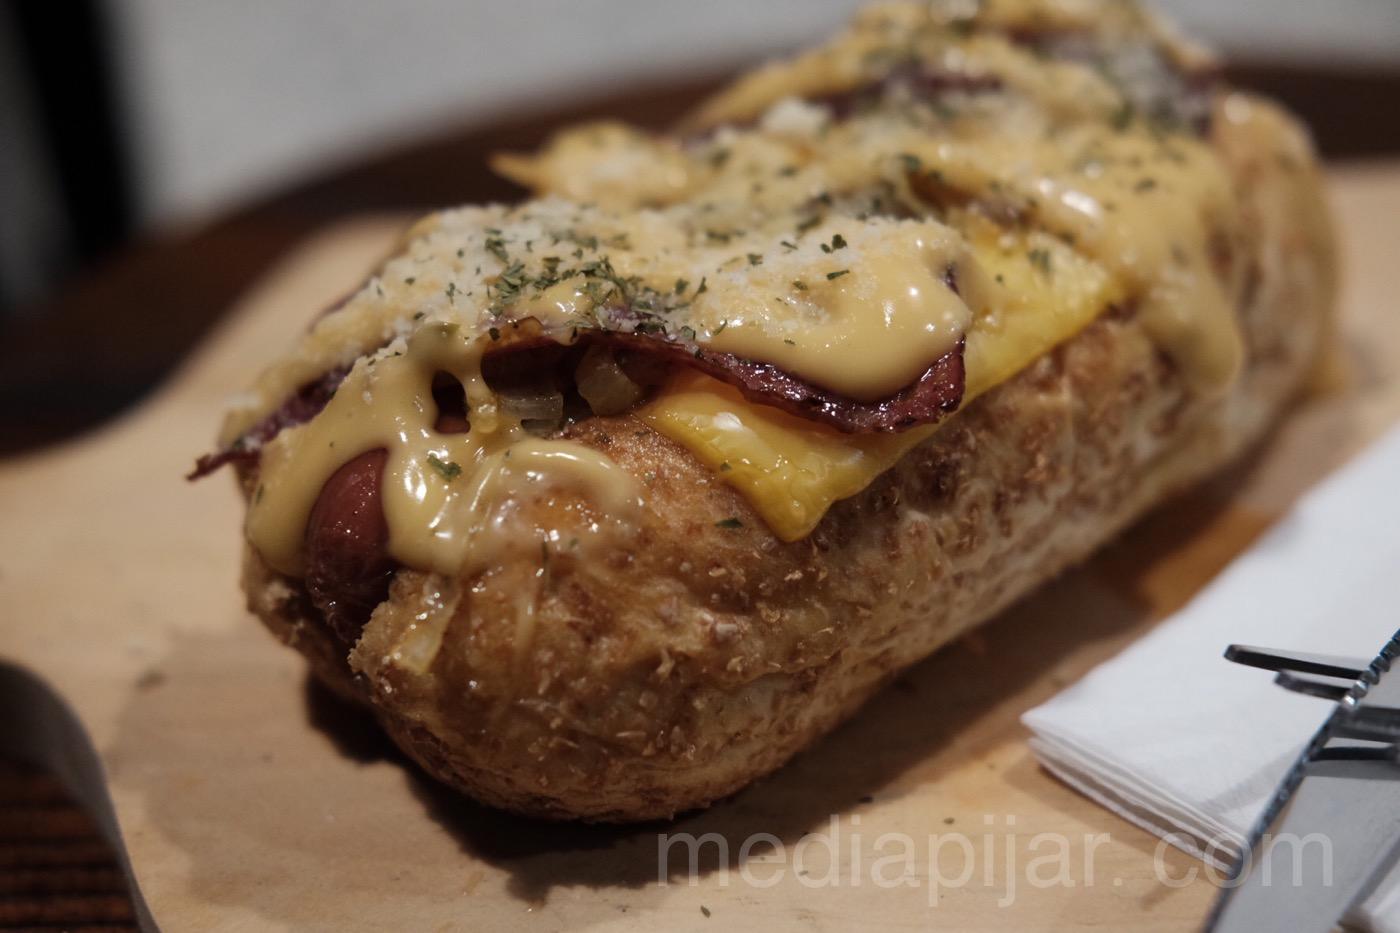 Lelehan keju yang membalut roti dan daging sangat mengundang selera. (Fotografer: Putri Arum Marzura)